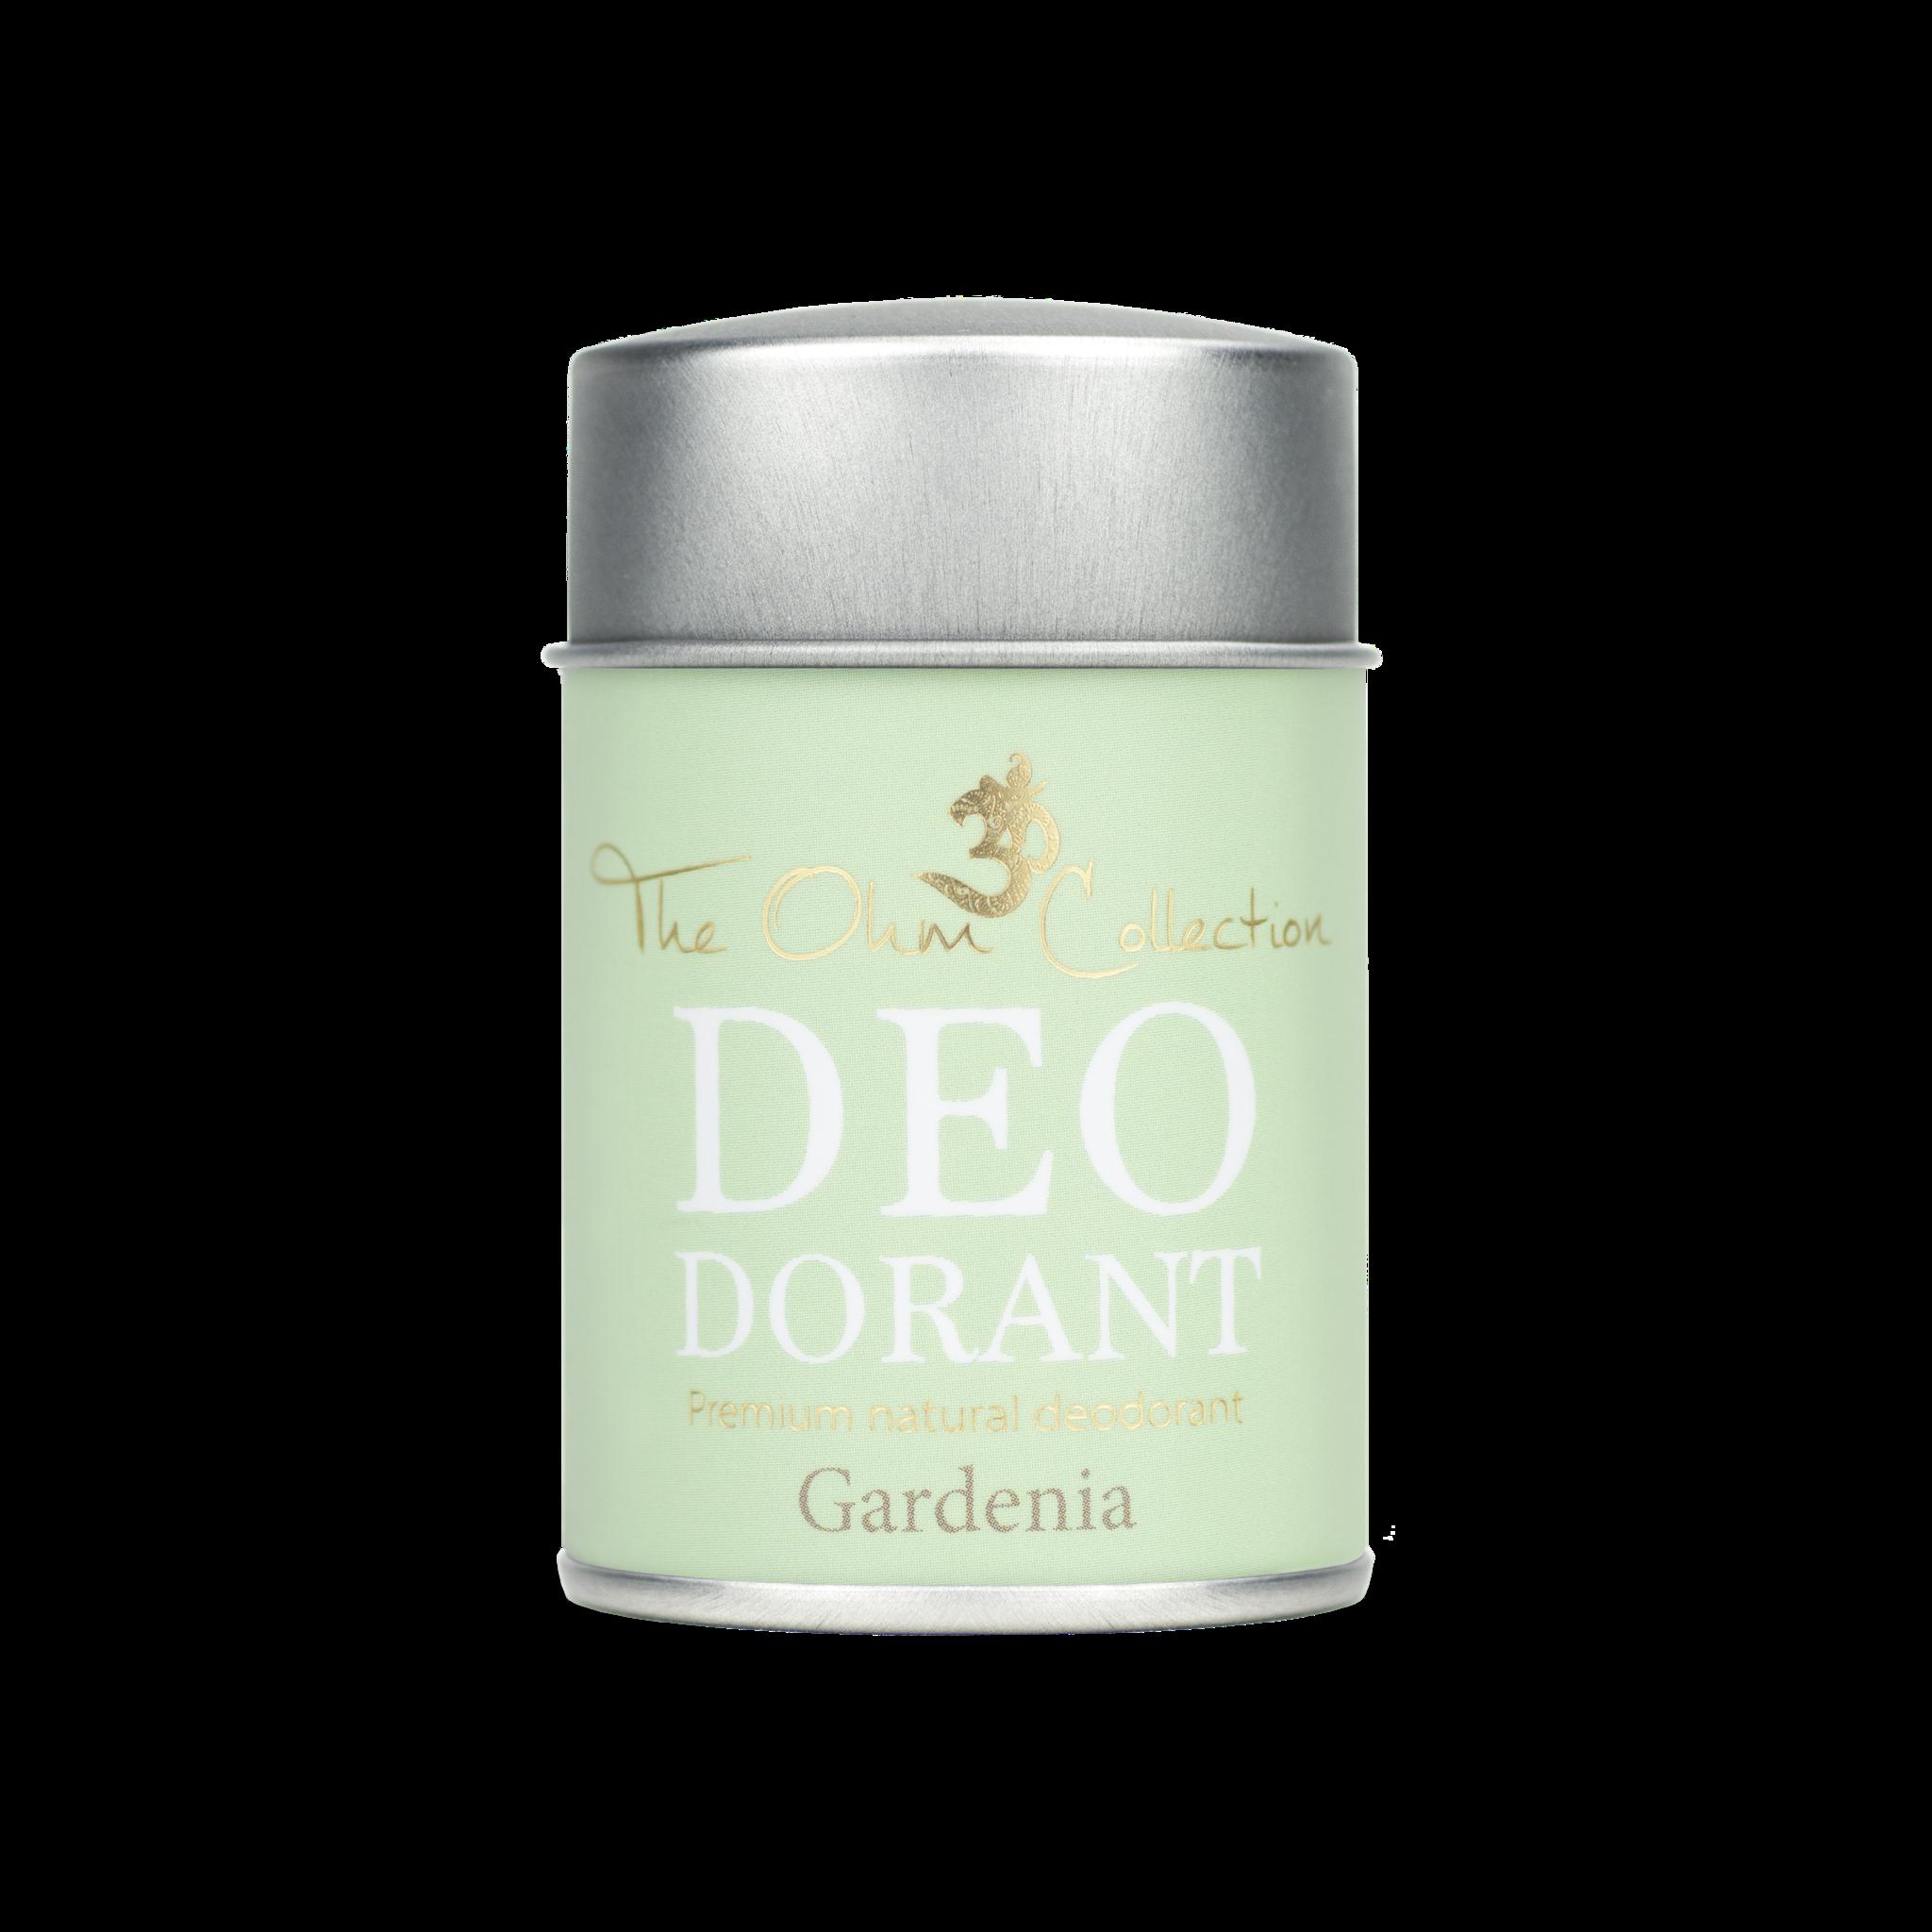 Deo Dorant Poeder Gardenia 50 gram